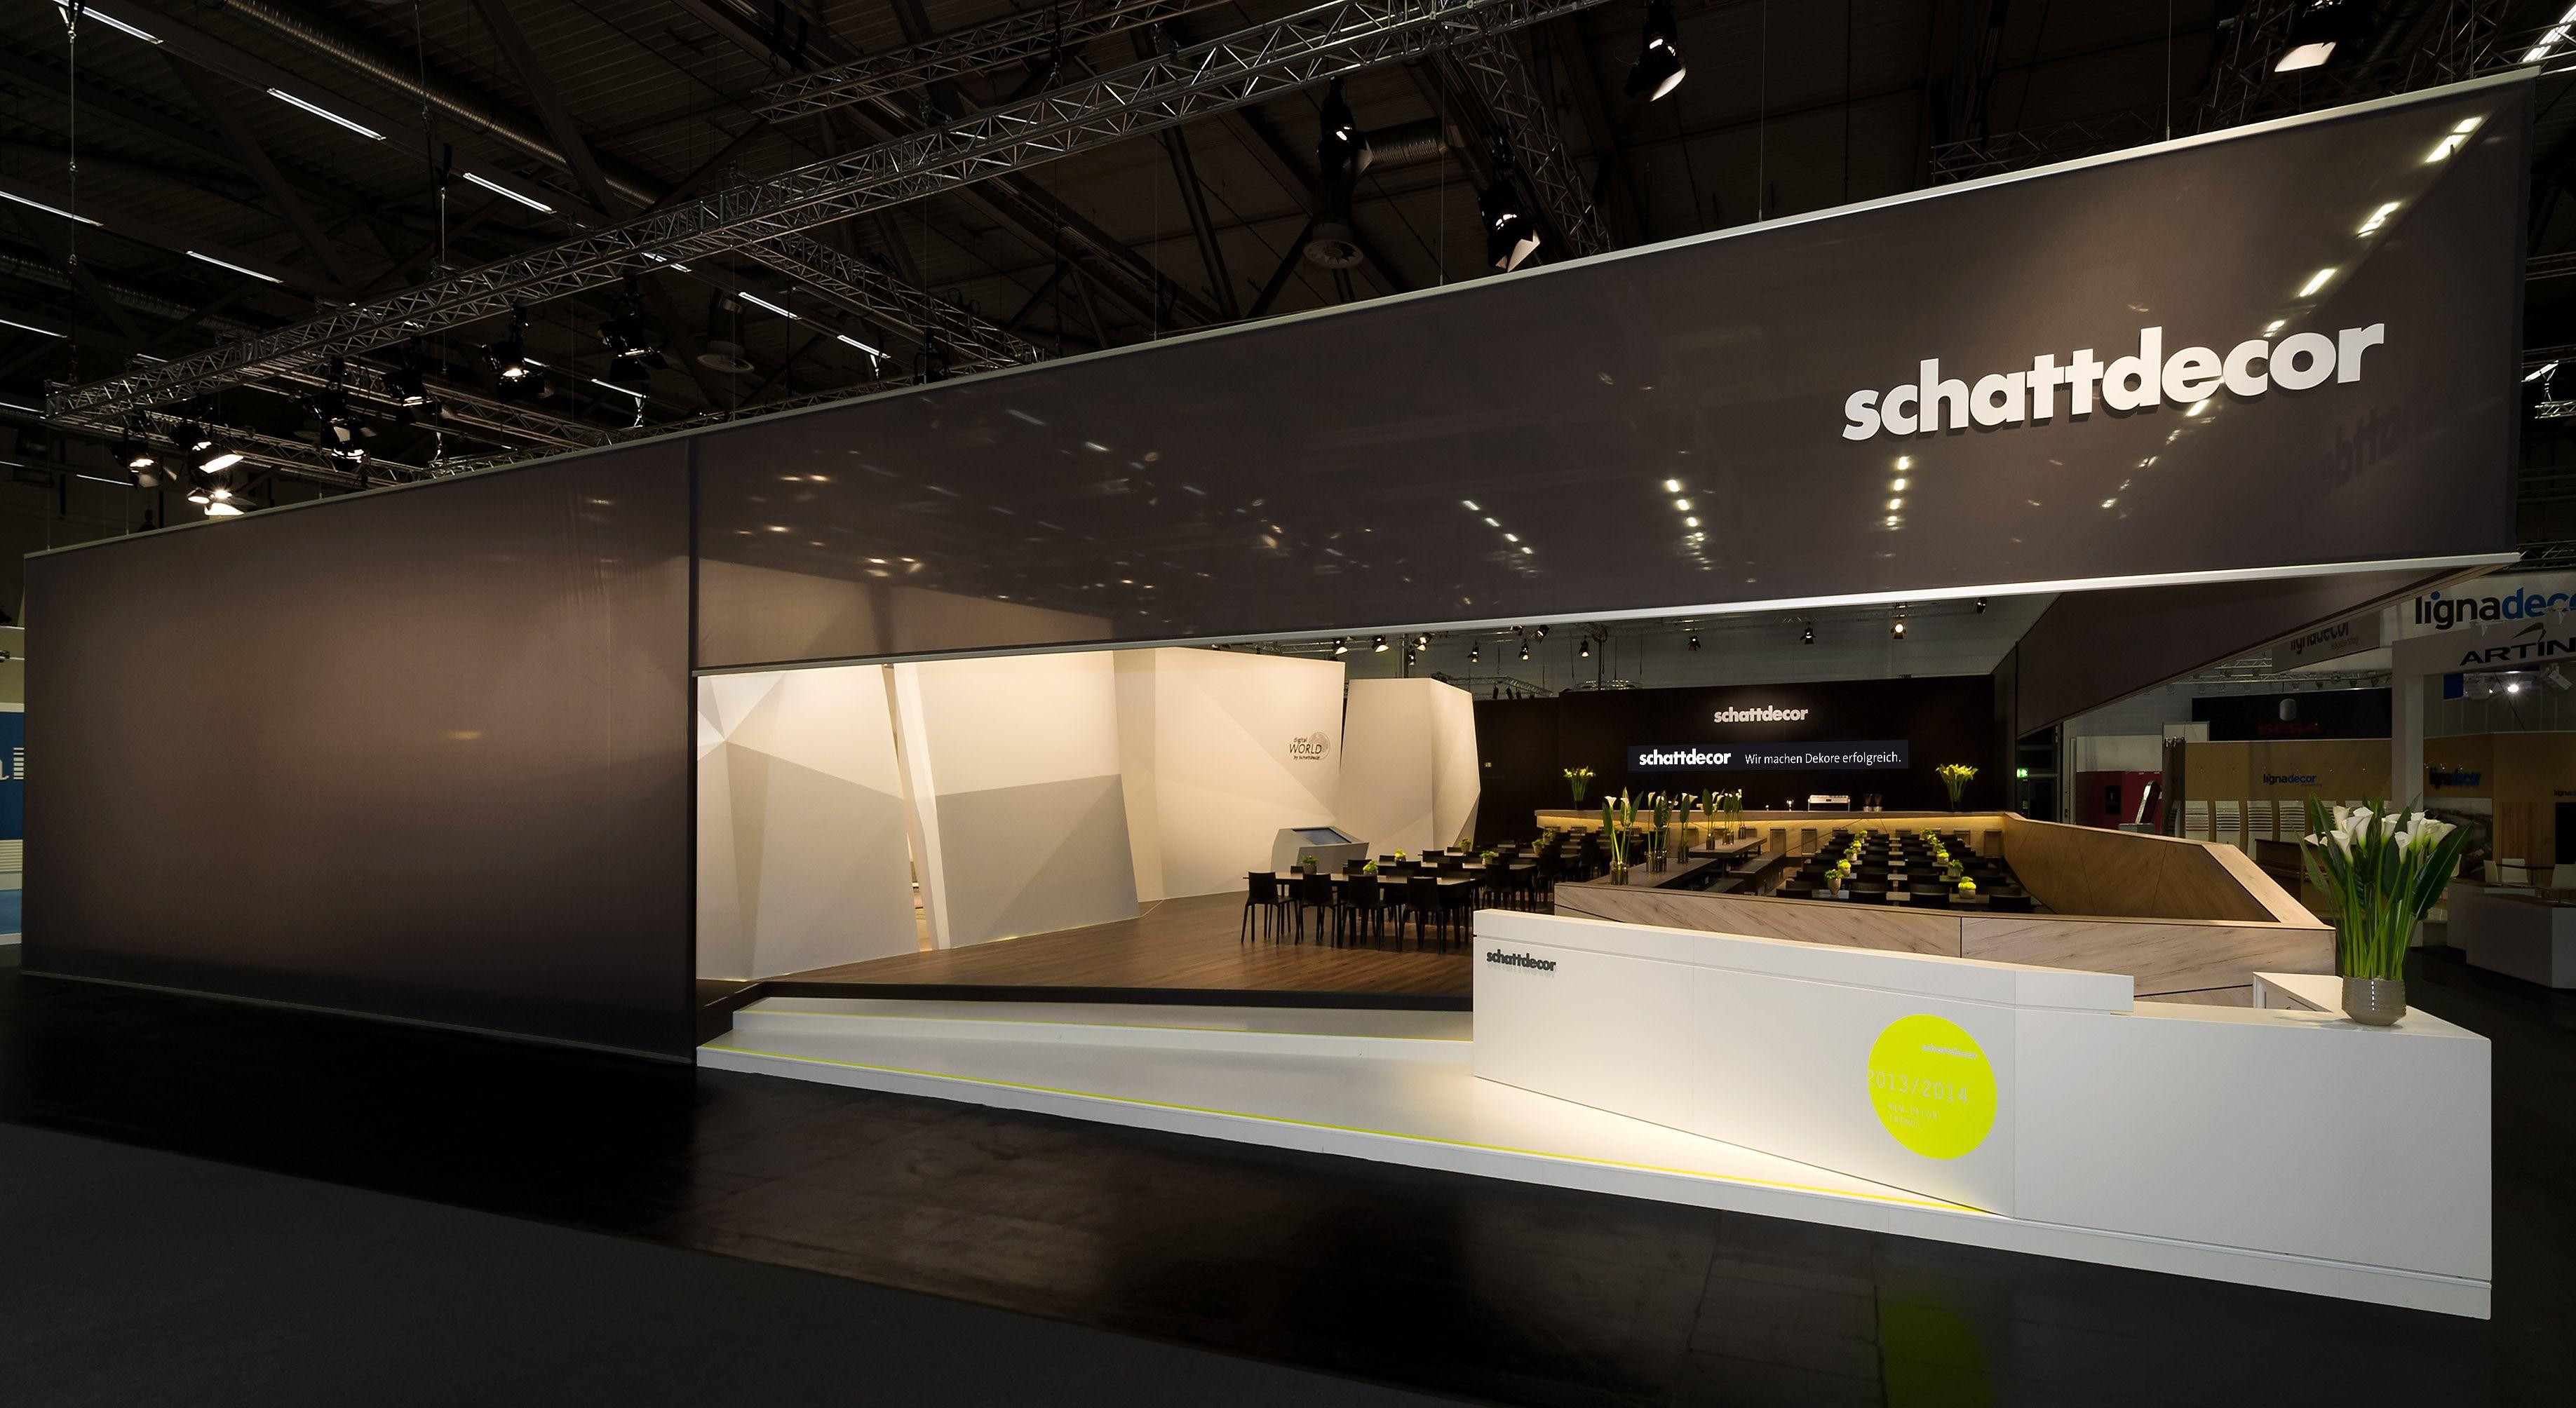 Exhibition Stand Design Decor S L : Schattdecor interzum l messedesign projekte